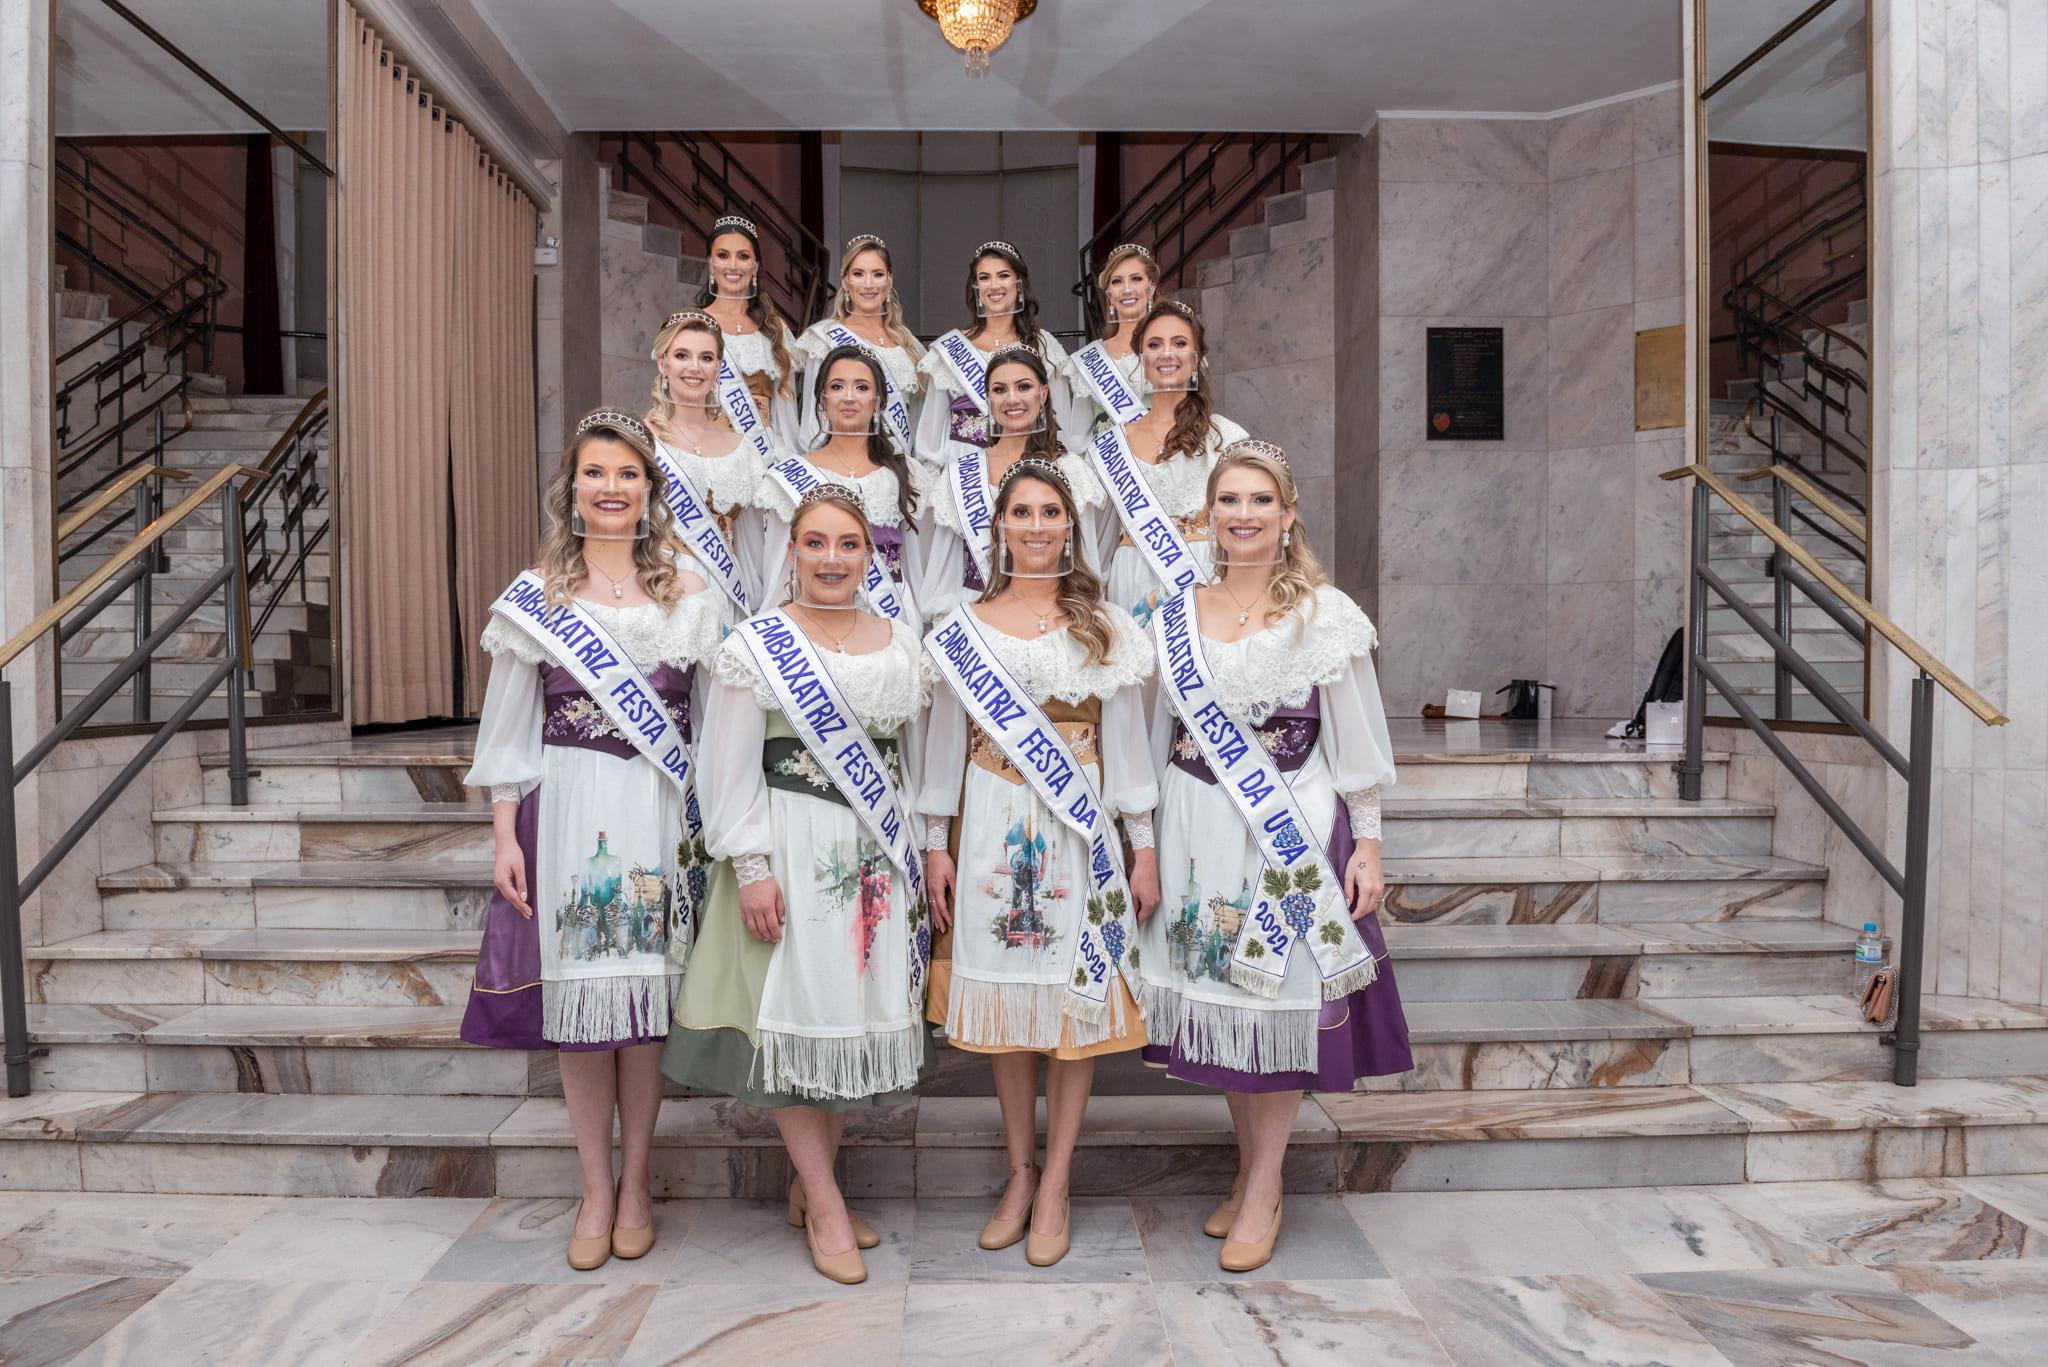 Rainha e Princesas da Festa da Uva 2022 serão conhecidas dia 22 de julho